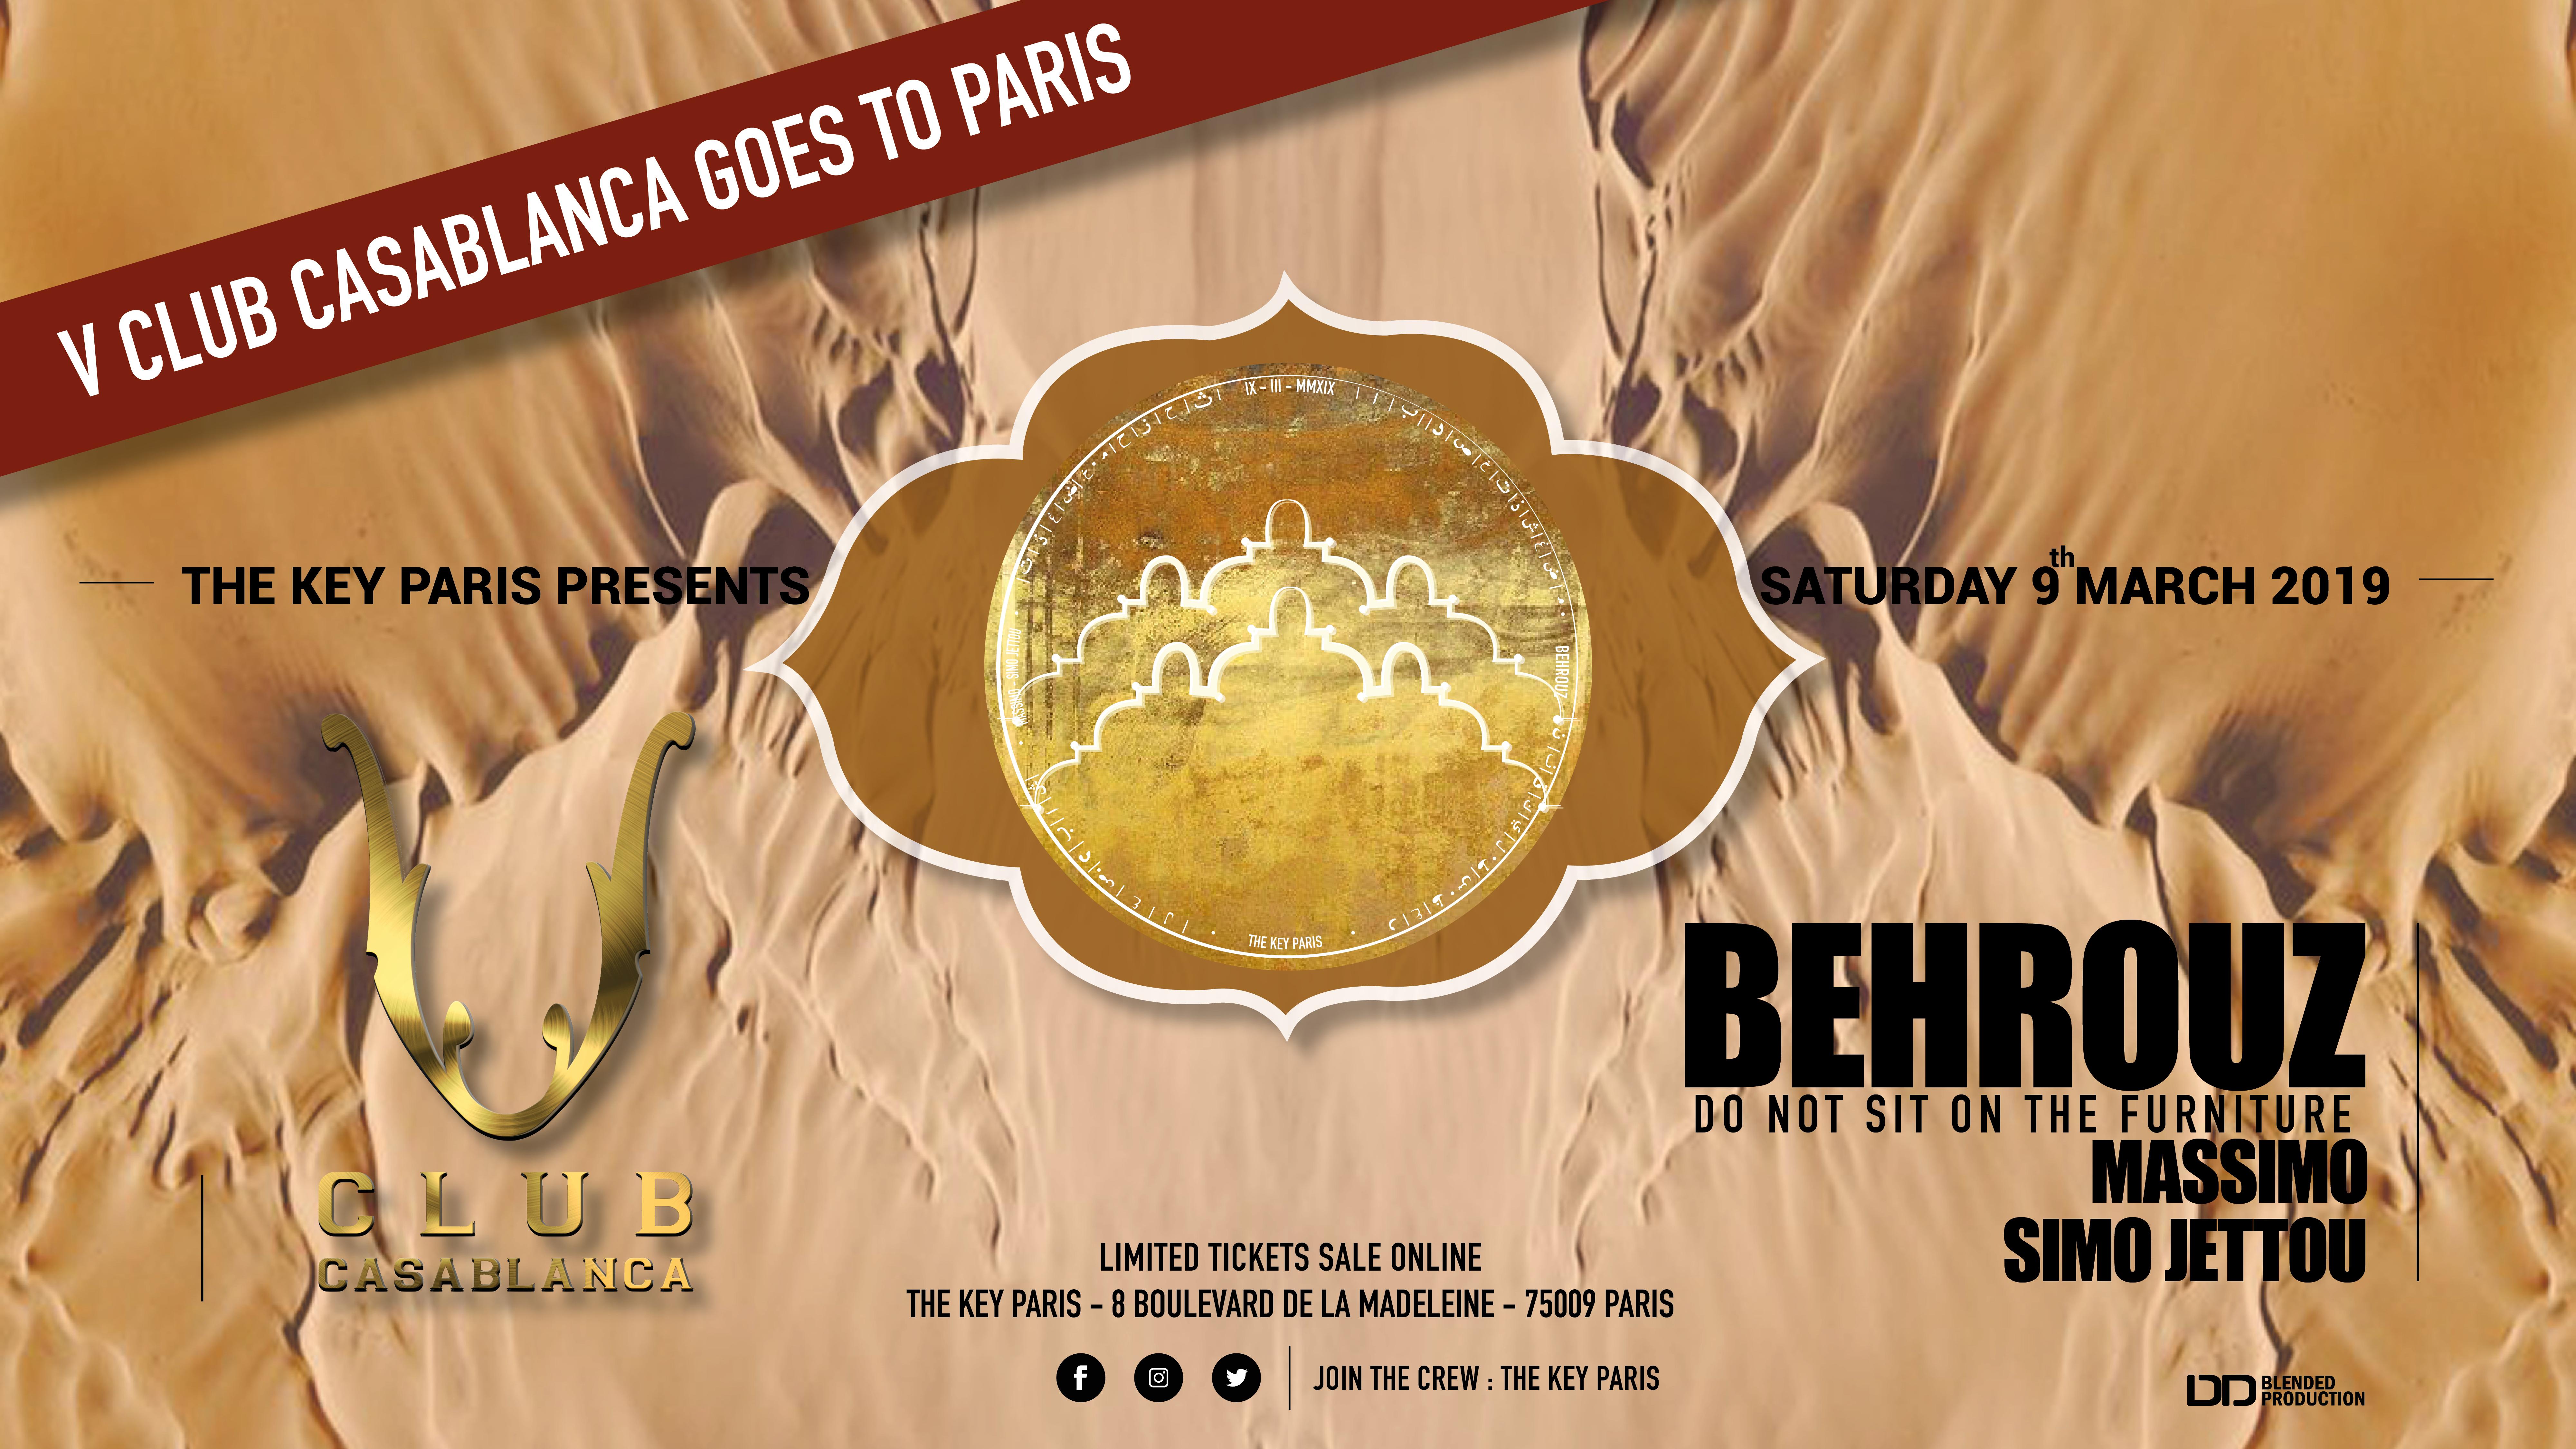 V CLUB Goes to The KEY Paris with Behrouz & Massimo